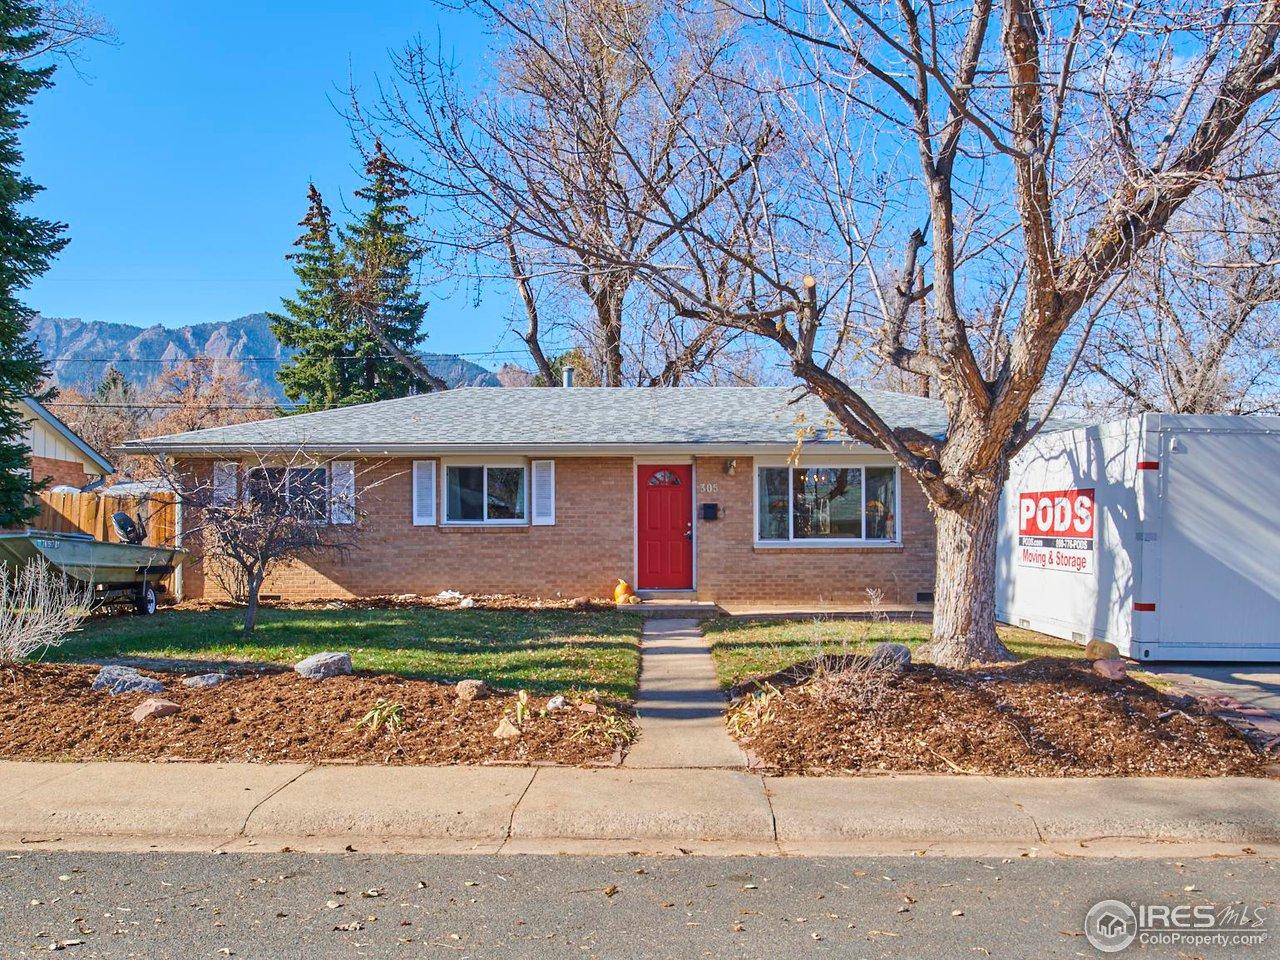 305 Martin Dr, Boulder CO 80305